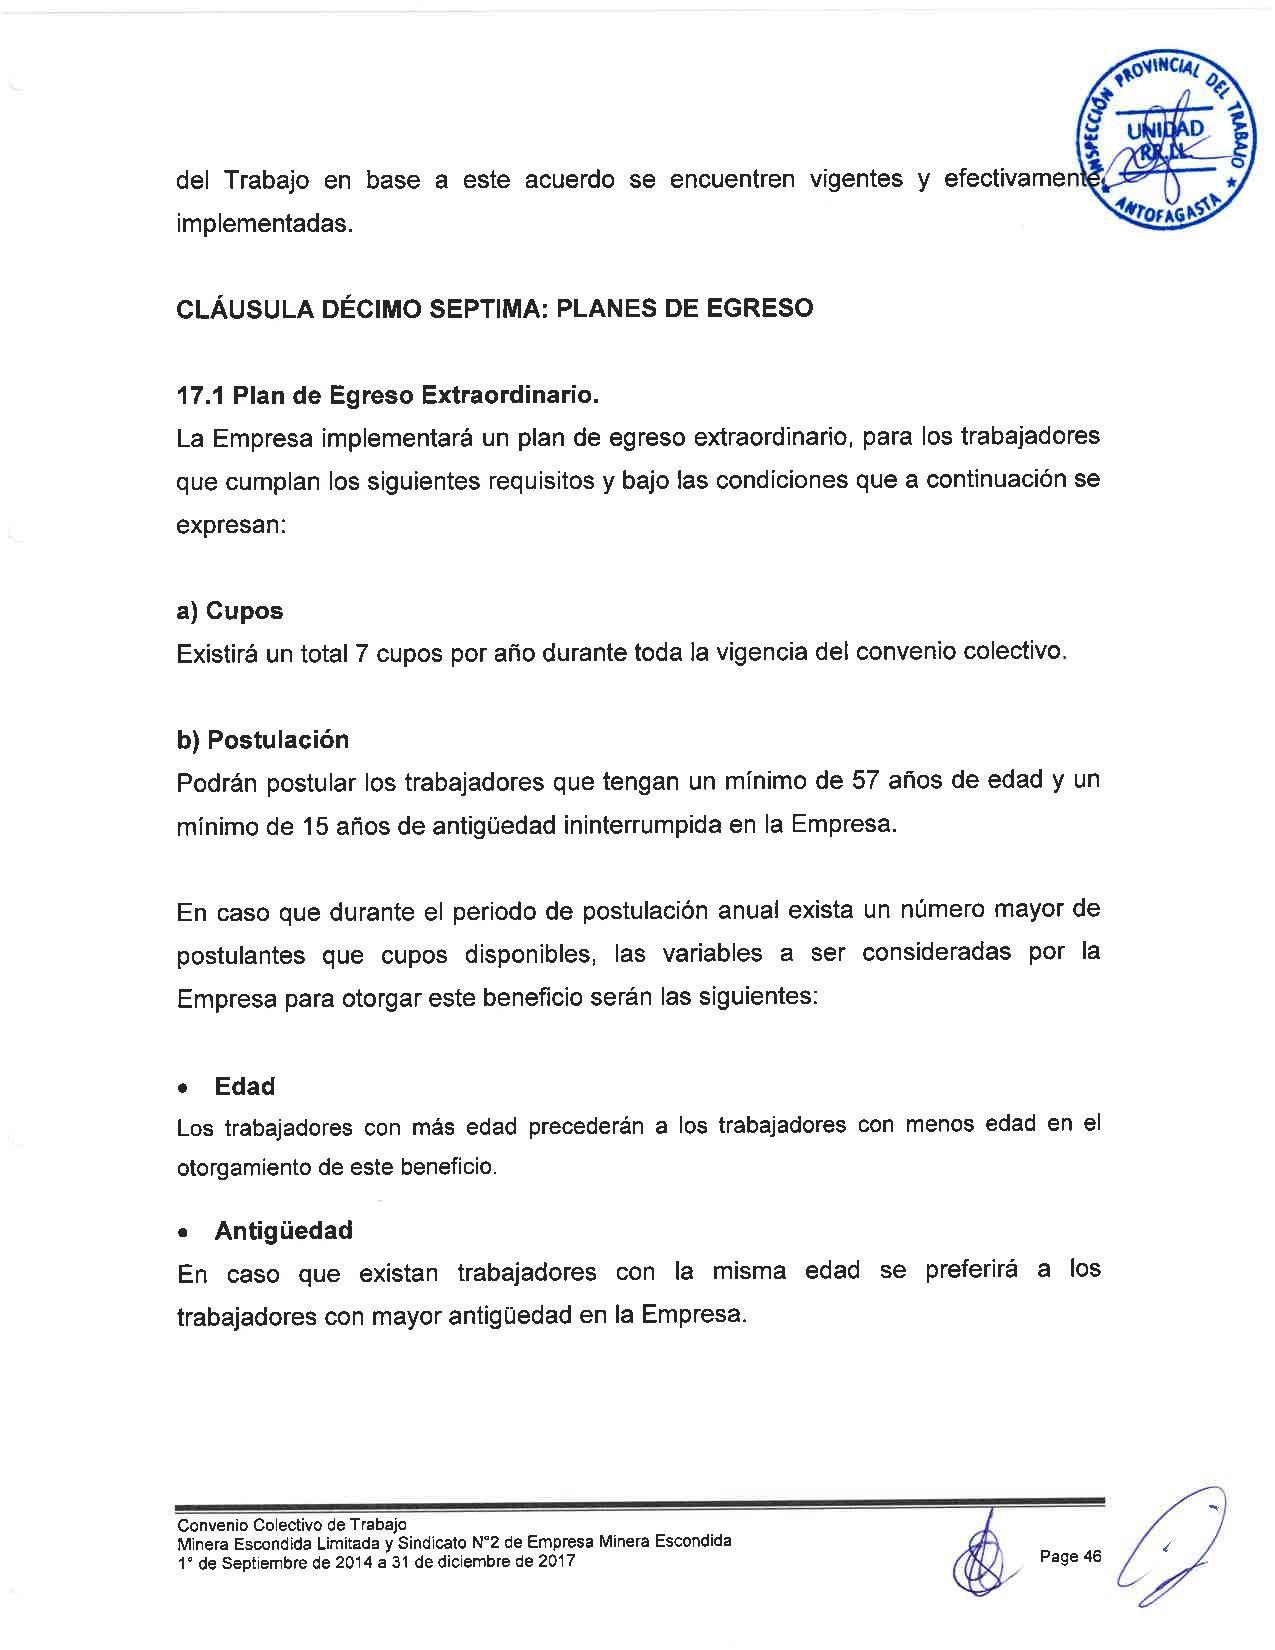 Página (46).jpg